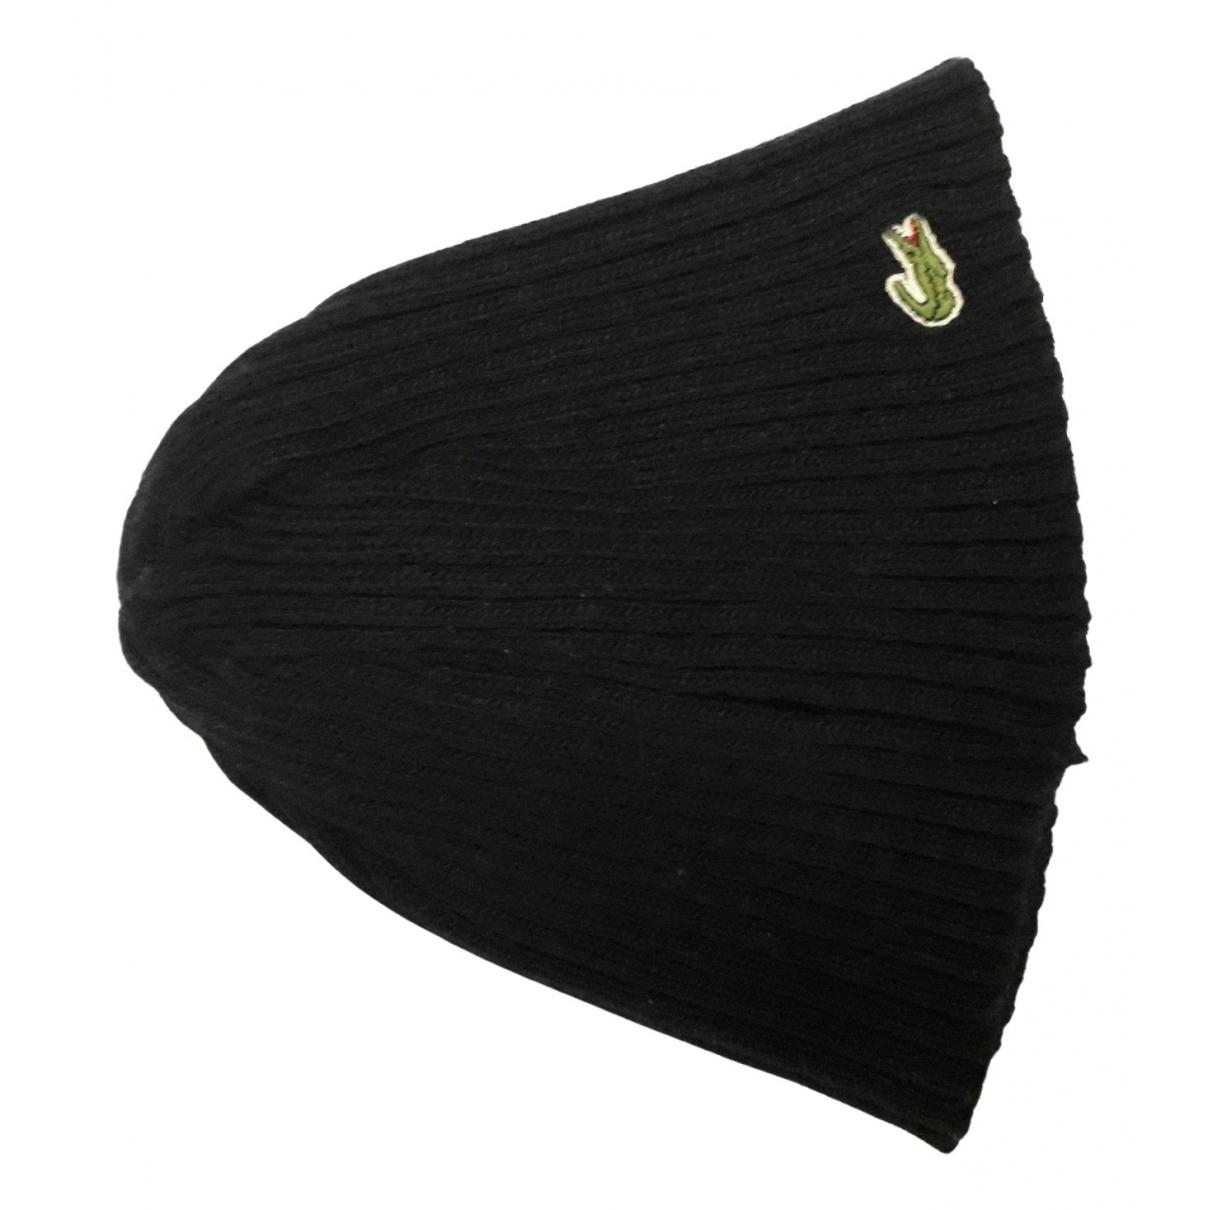 Lacoste - Chapeau & Bonnets   pour homme en laine - bleu